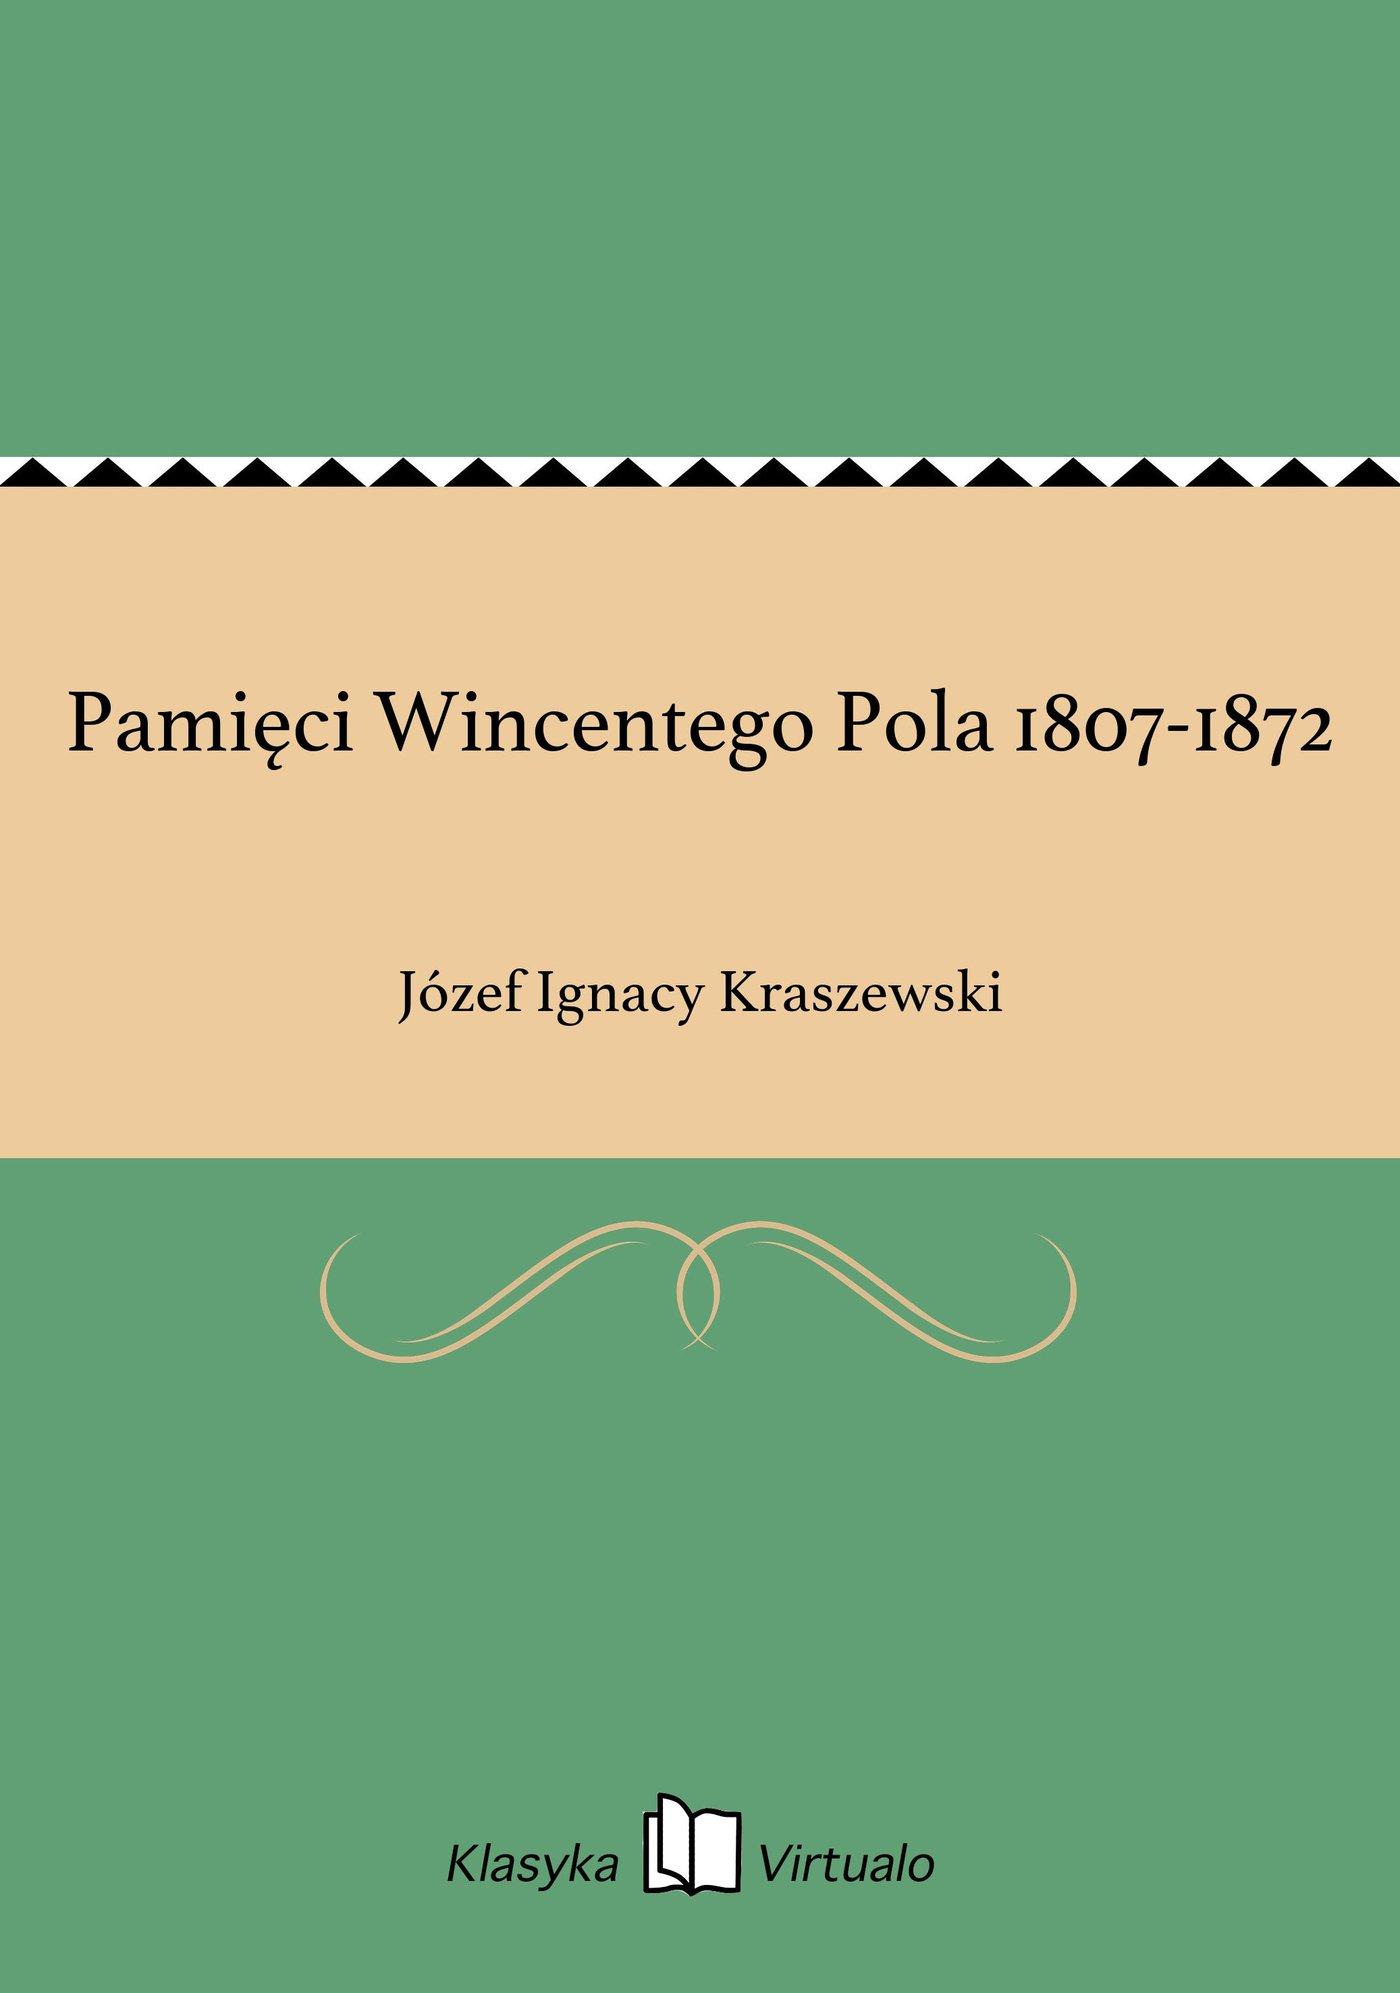 Pamięci Wincentego Pola 1807-1872 - Ebook (Książka EPUB) do pobrania w formacie EPUB